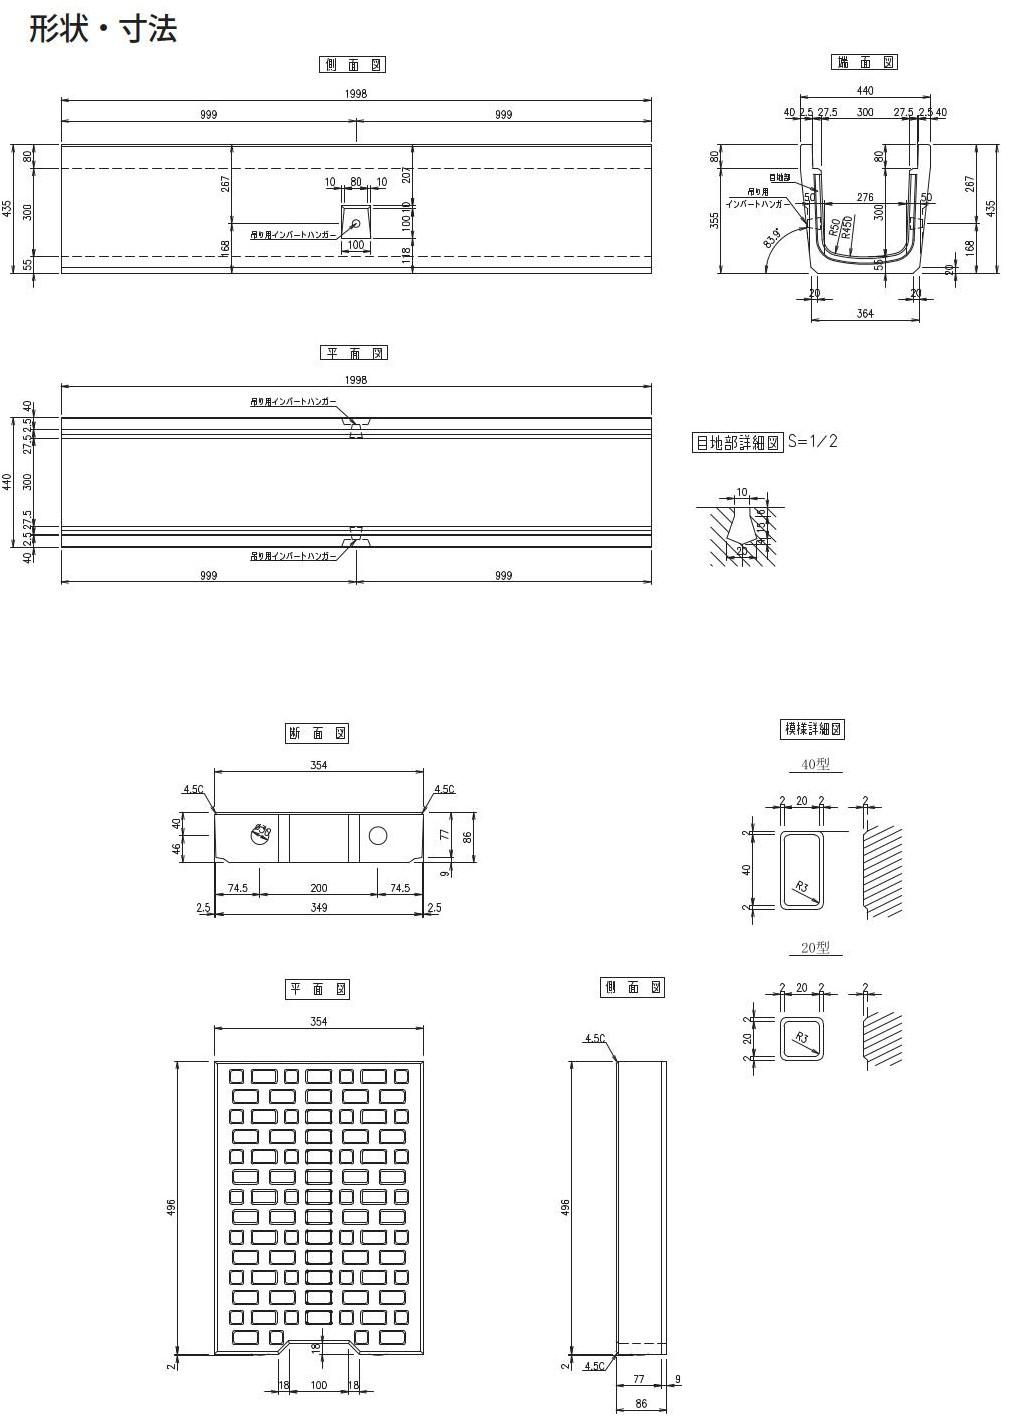 オリジナル側溝|エコノミー側溝(NETIS登録製品) 外形寸法 0